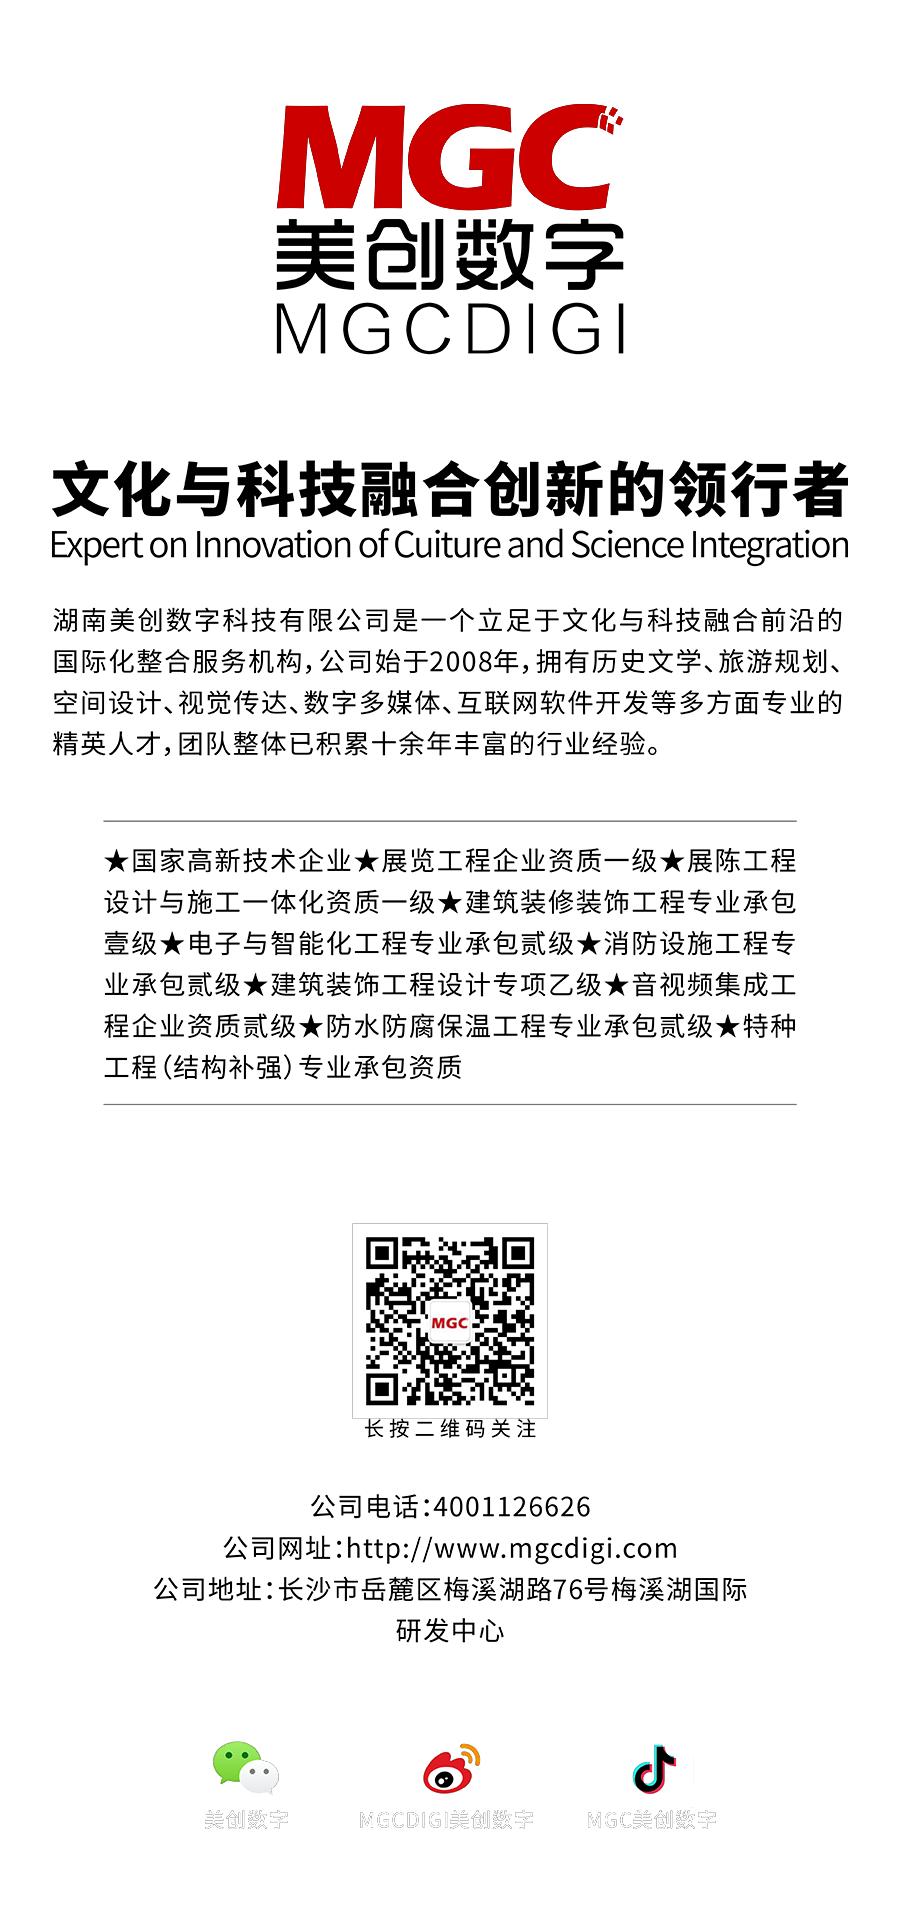 美创案例   中国北药智慧产业馆